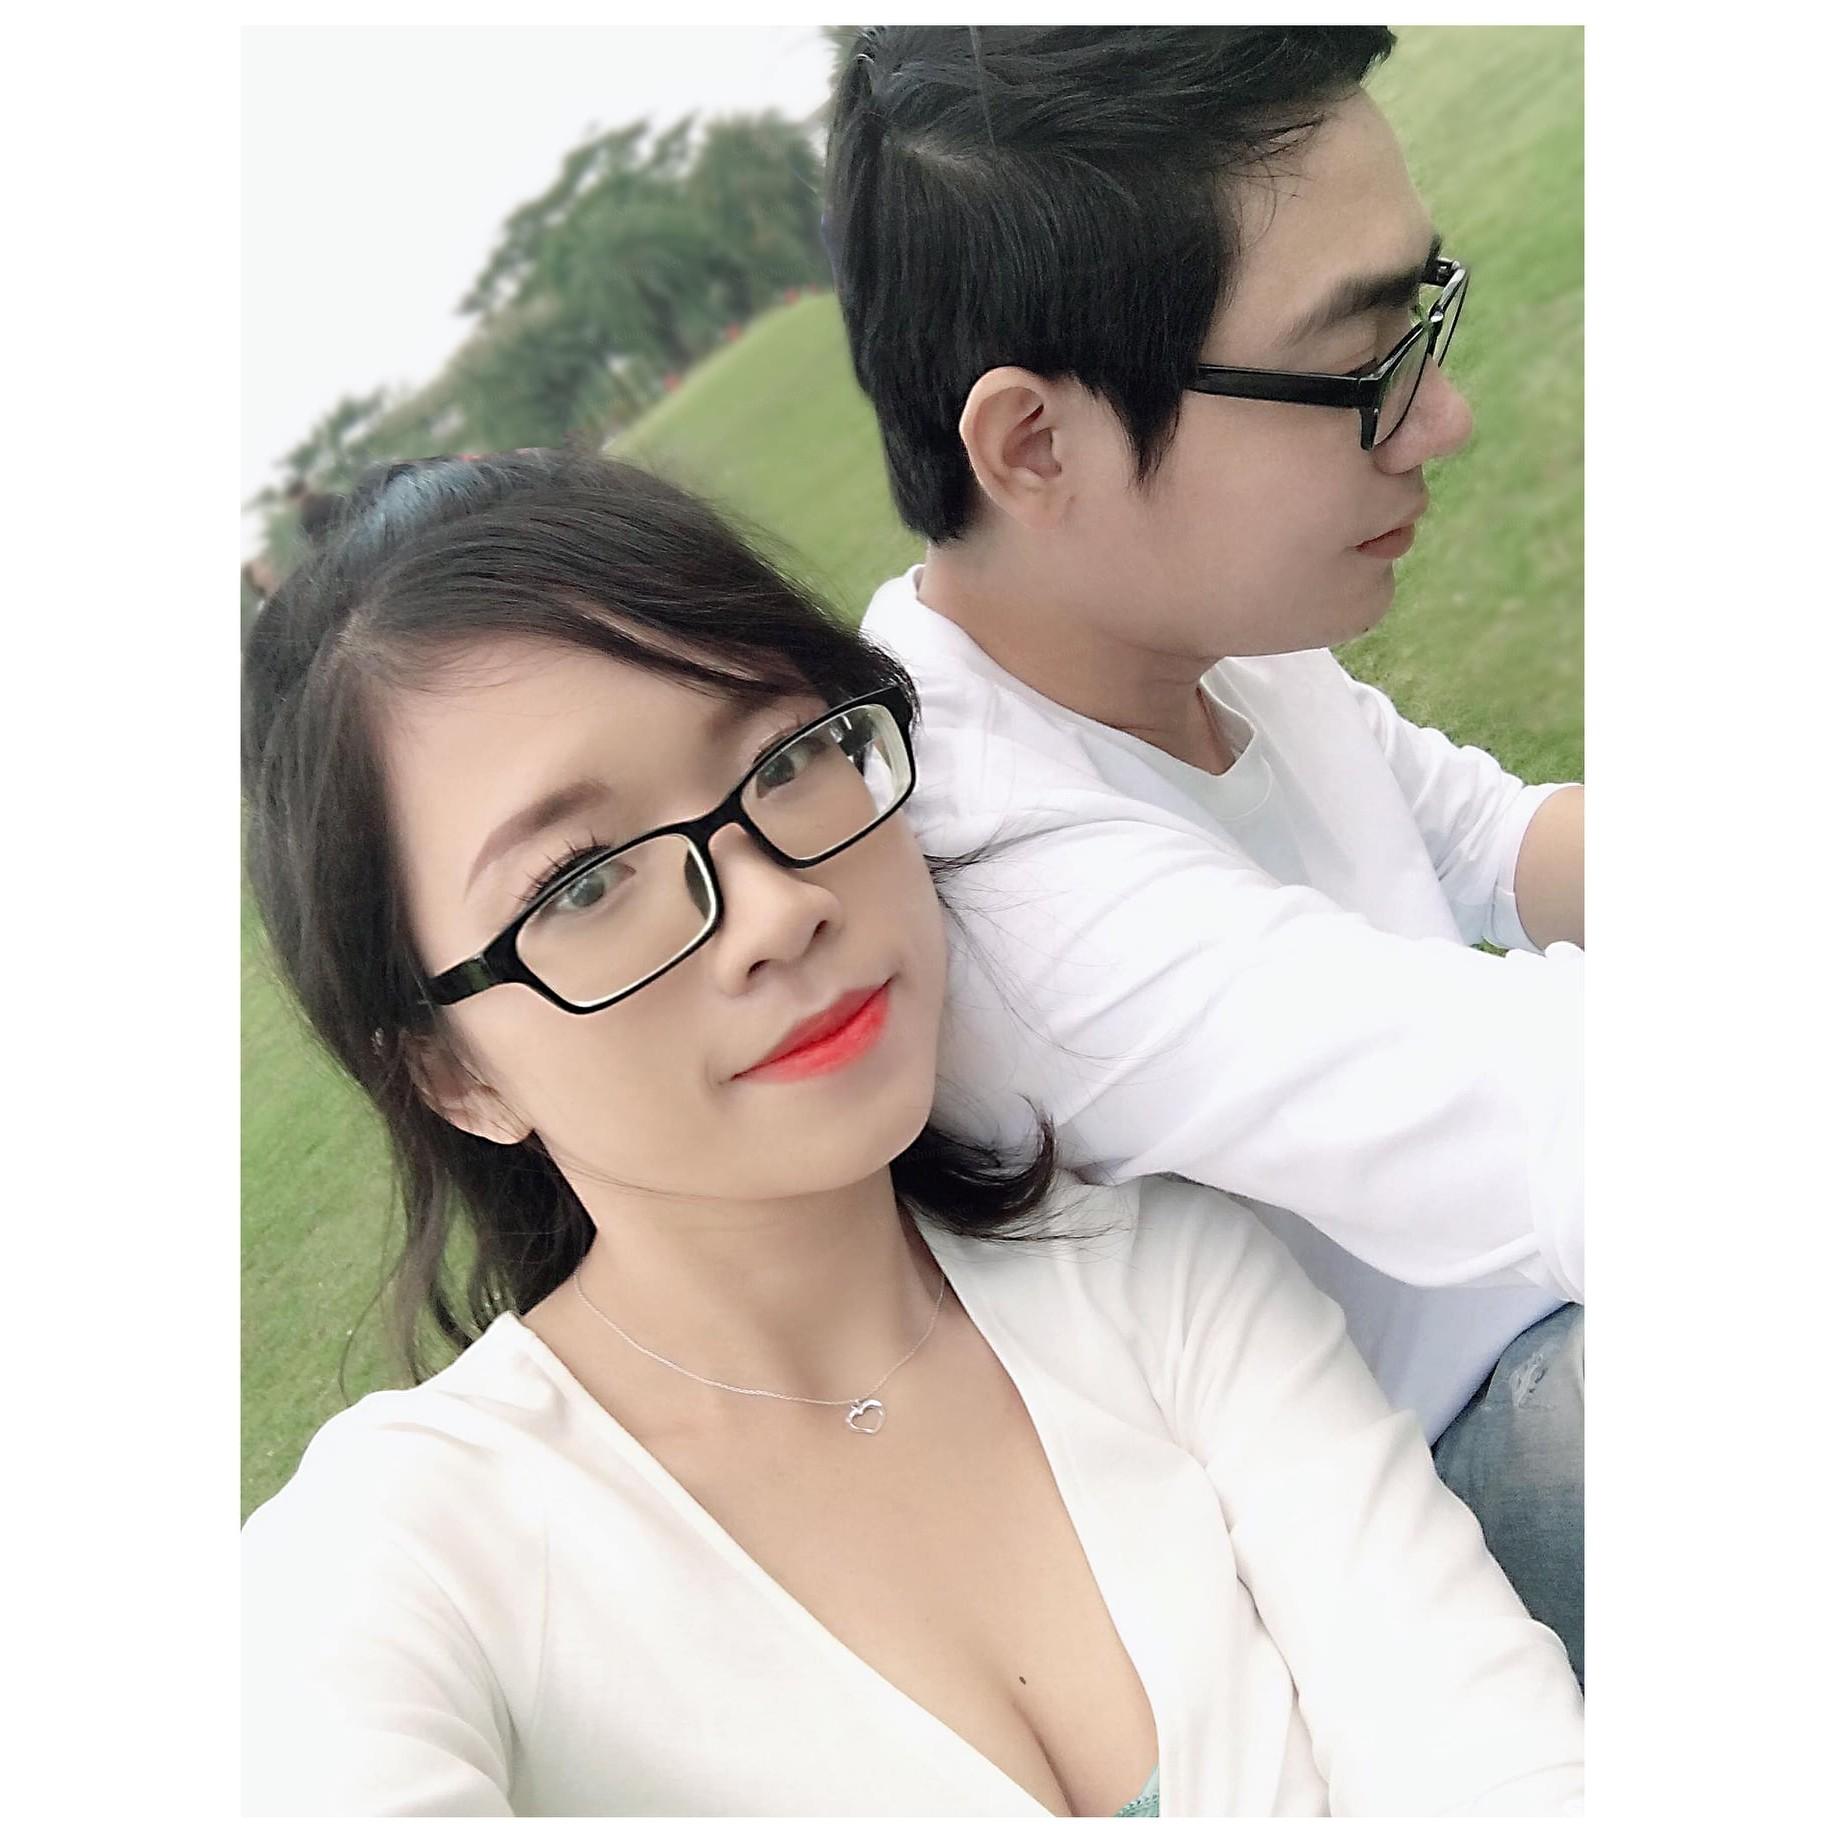 sieukhungnet-pic-clip-phuong-thao-tdut-an-pham-mua-dich-2